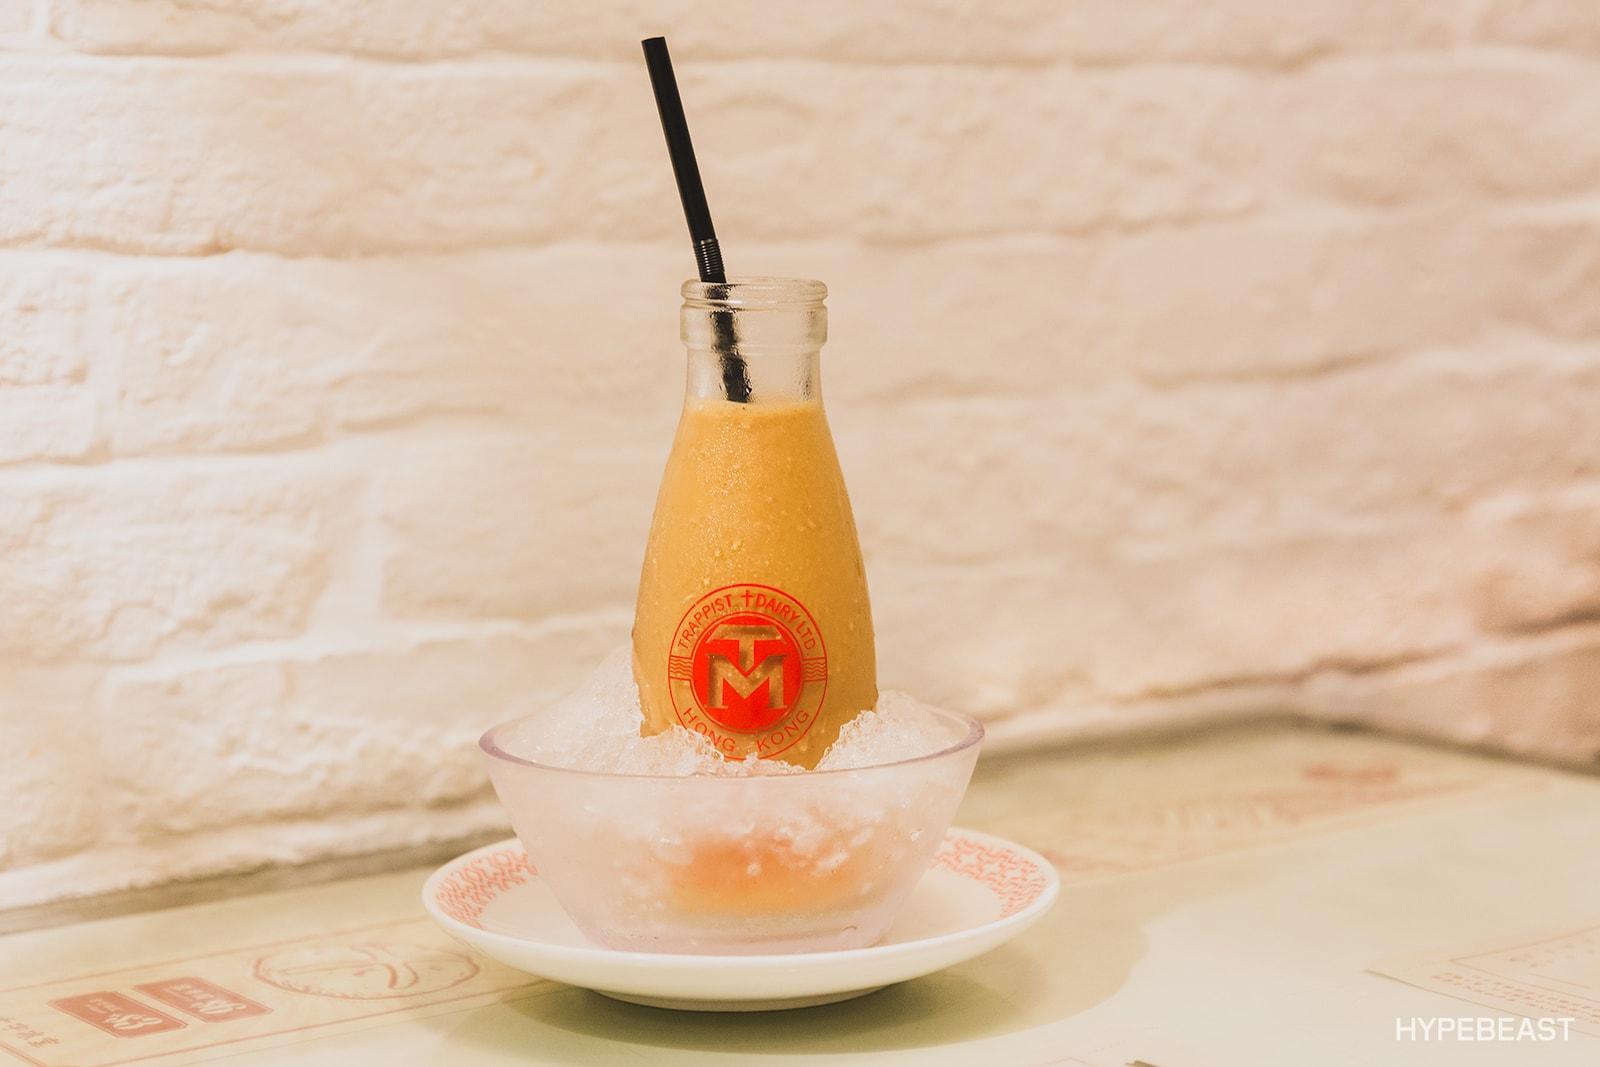 HYPEBEAST Eats... 呈現香港獨有餐廳特色之「十字冰室」